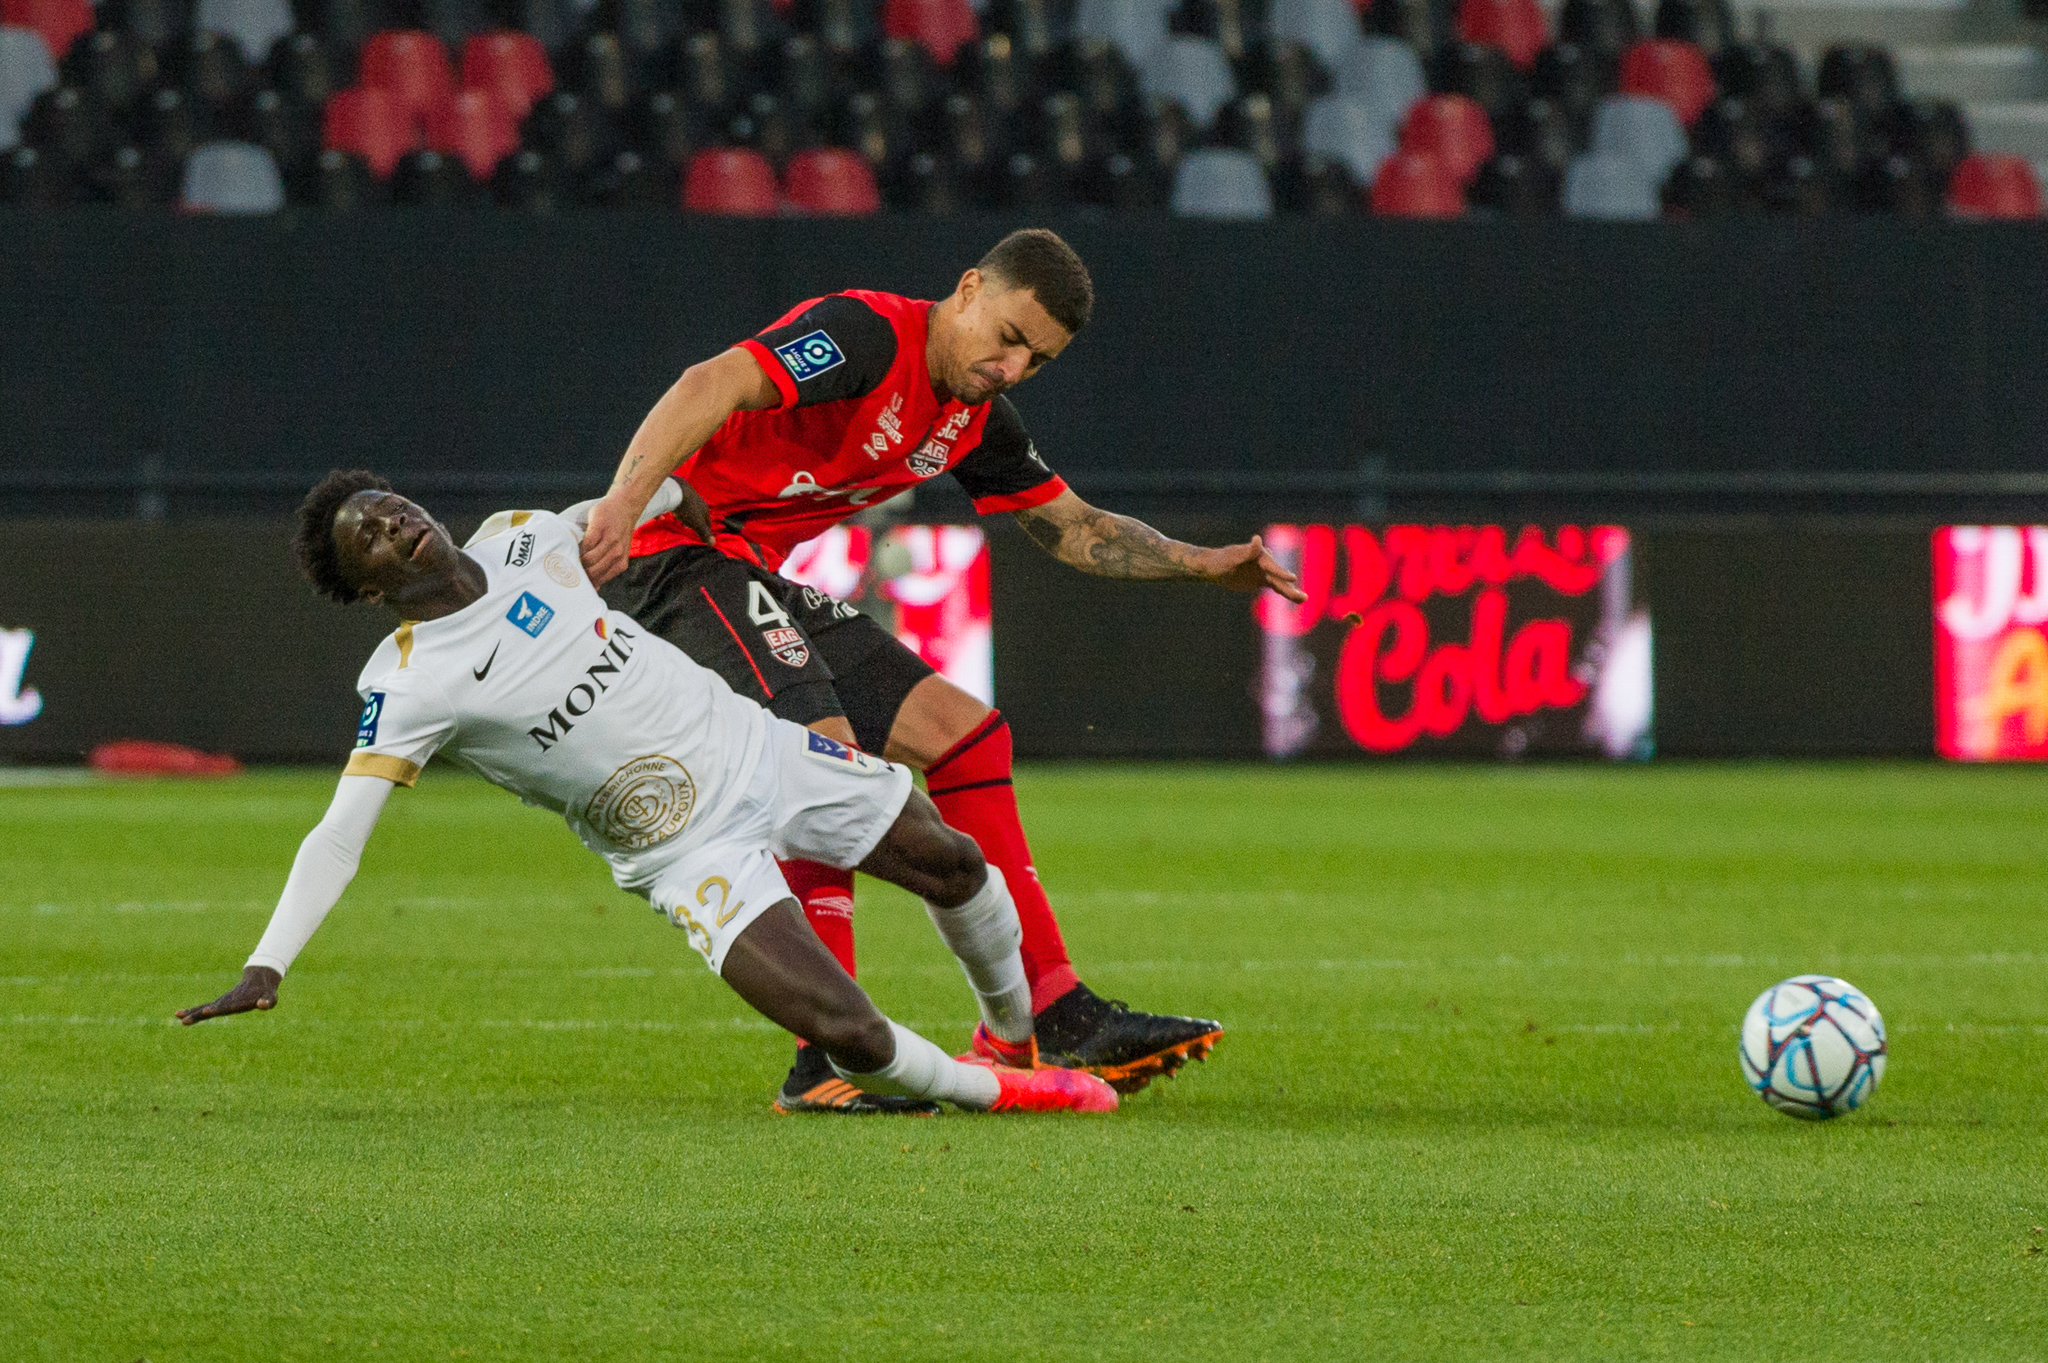 EA Guingamp La Berrichonne Châteauroux J37 Ligue 2 BKT EAGLBC 2-0 Stade de Roudourou FRA_5831